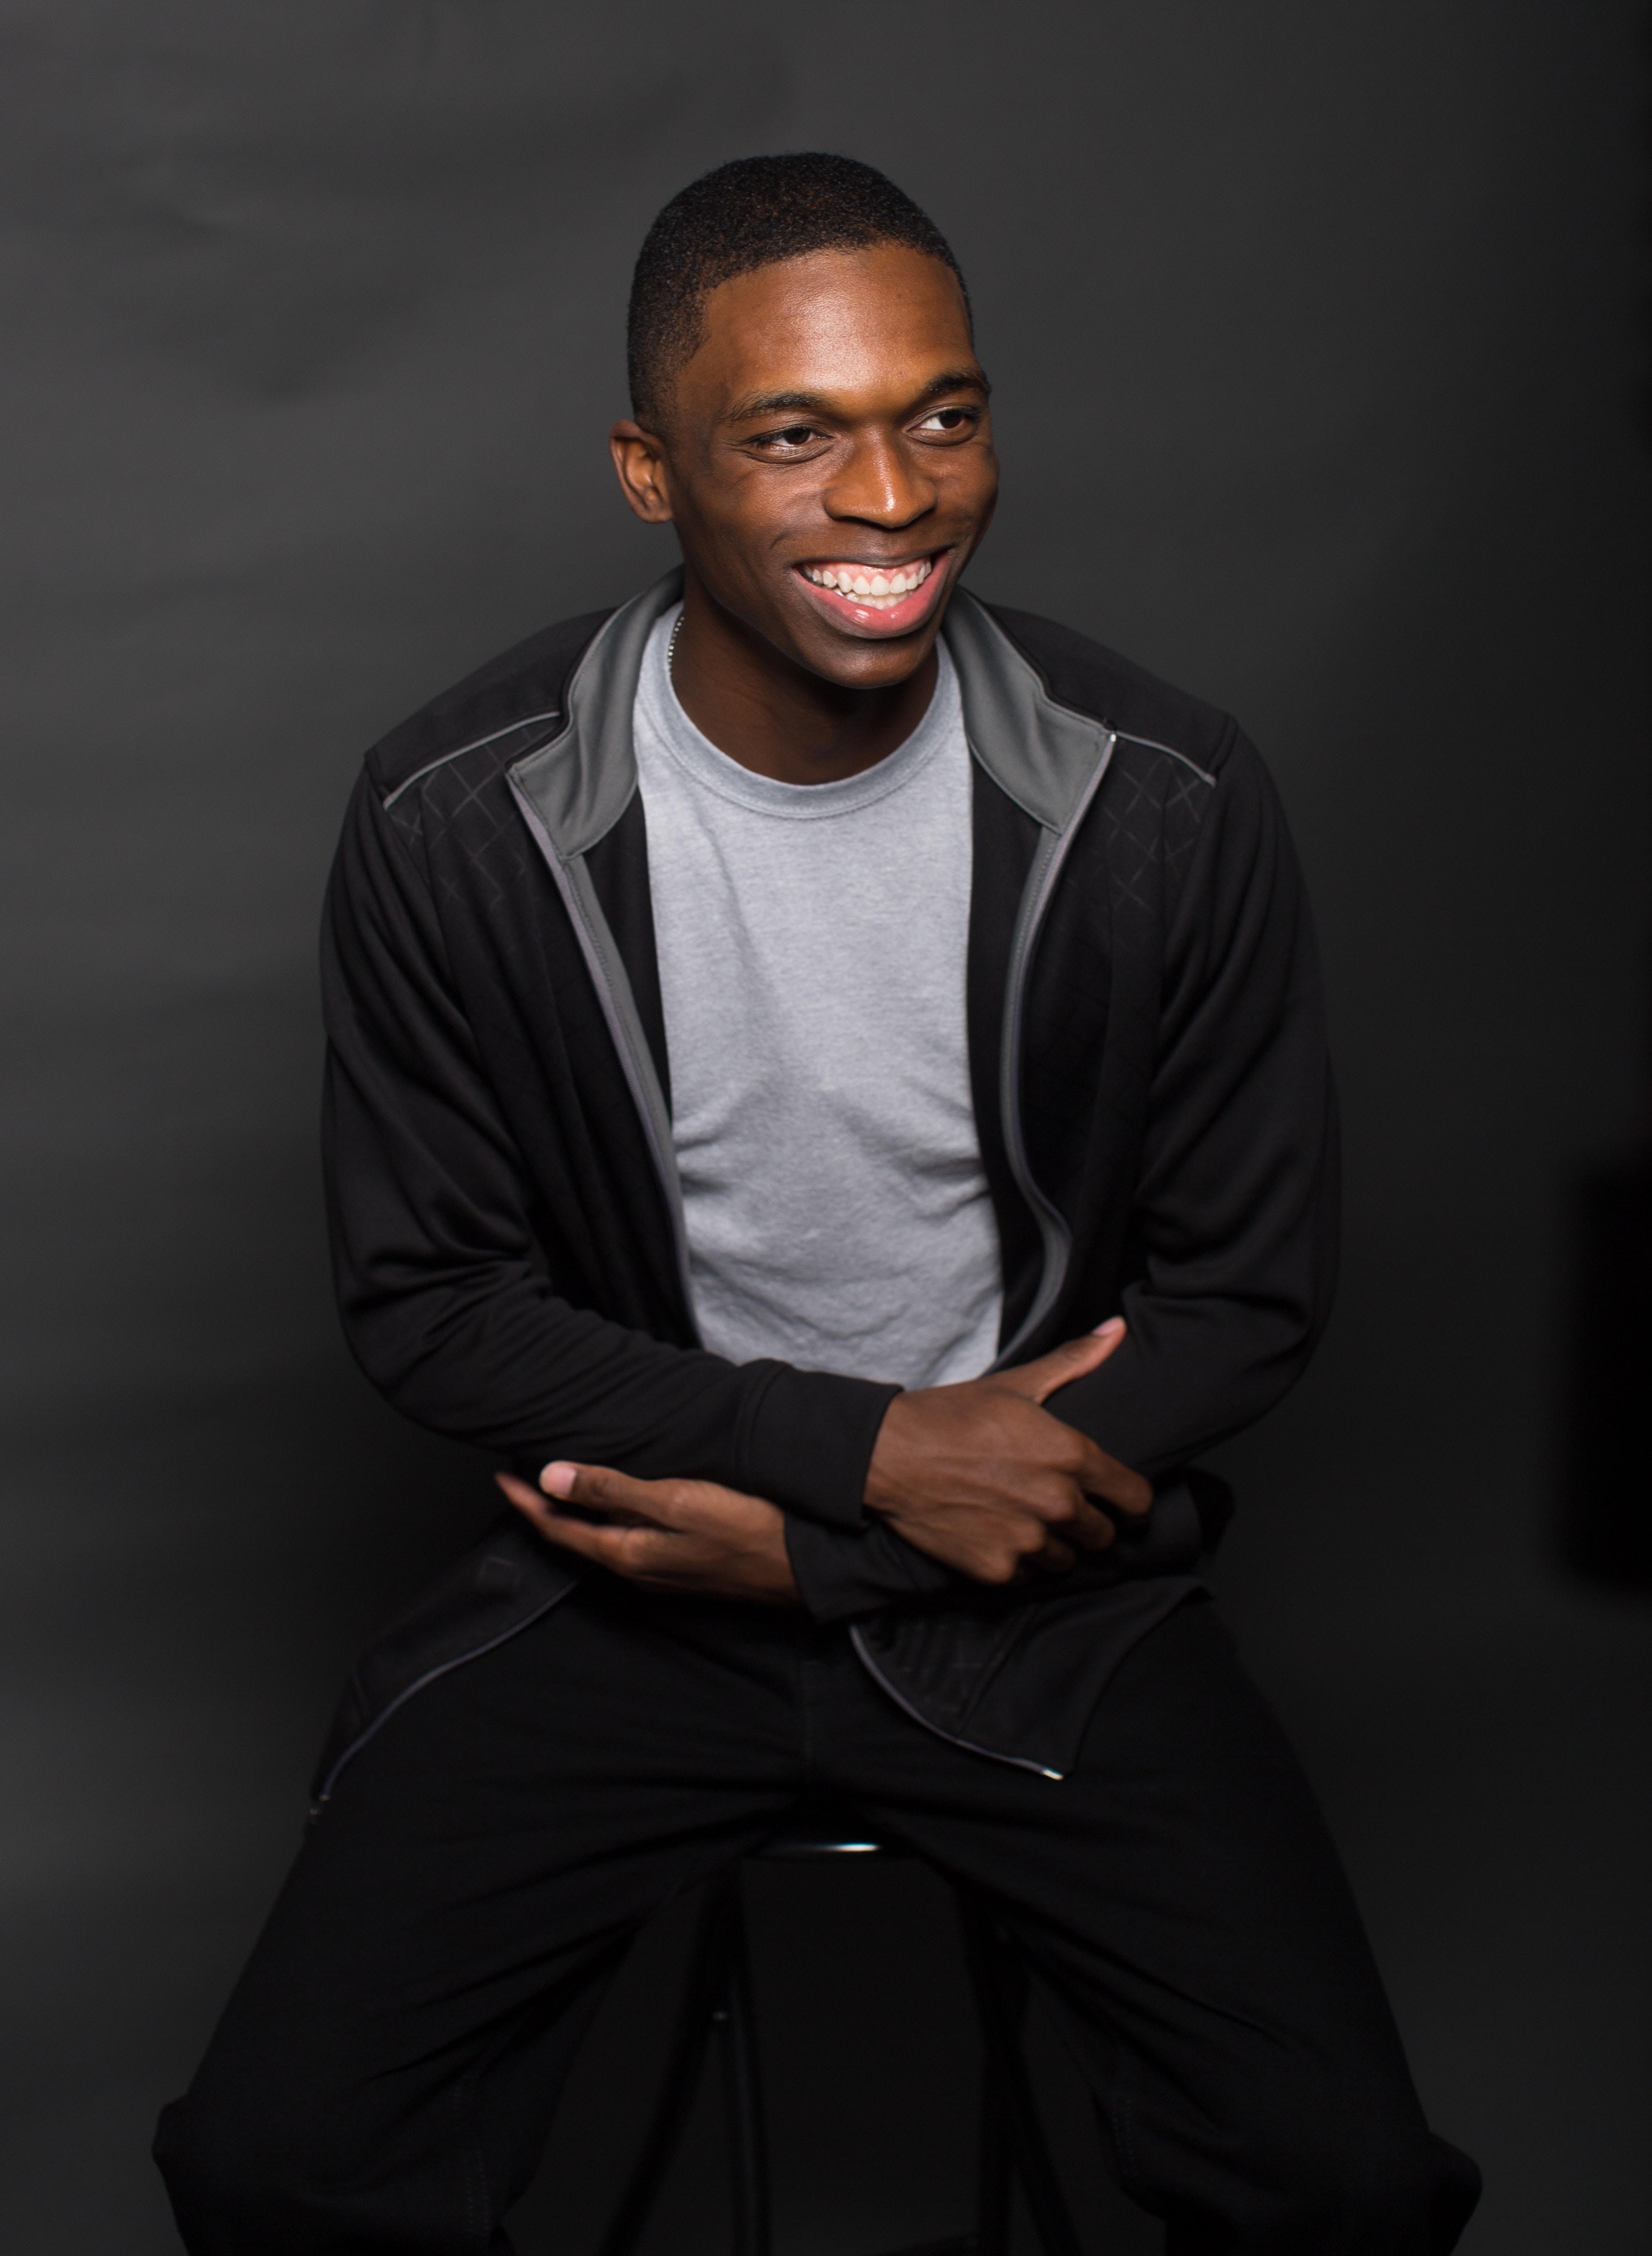 smiling man posing for photo